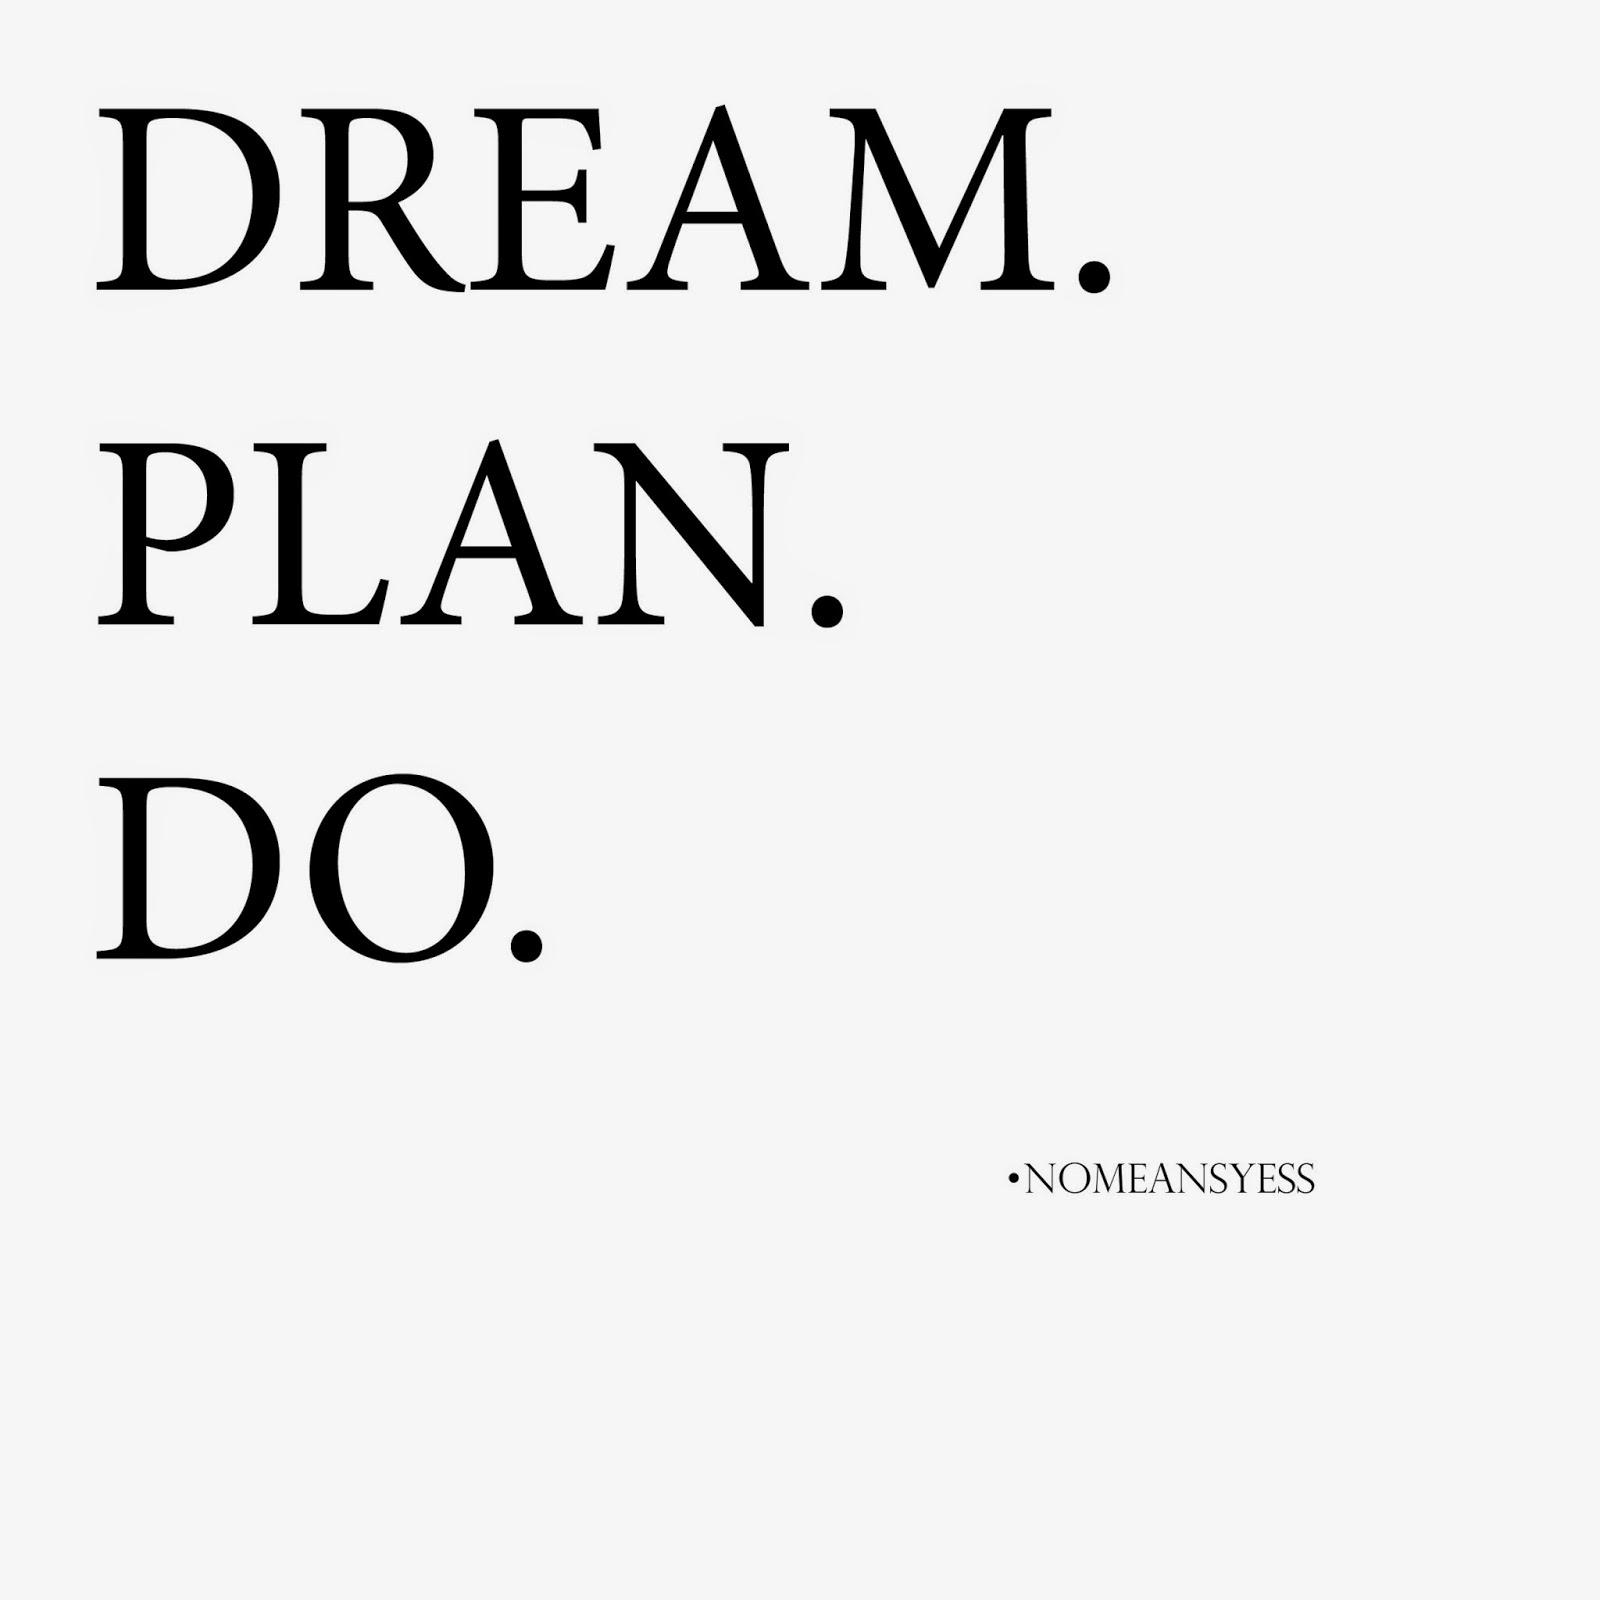 dream plan do